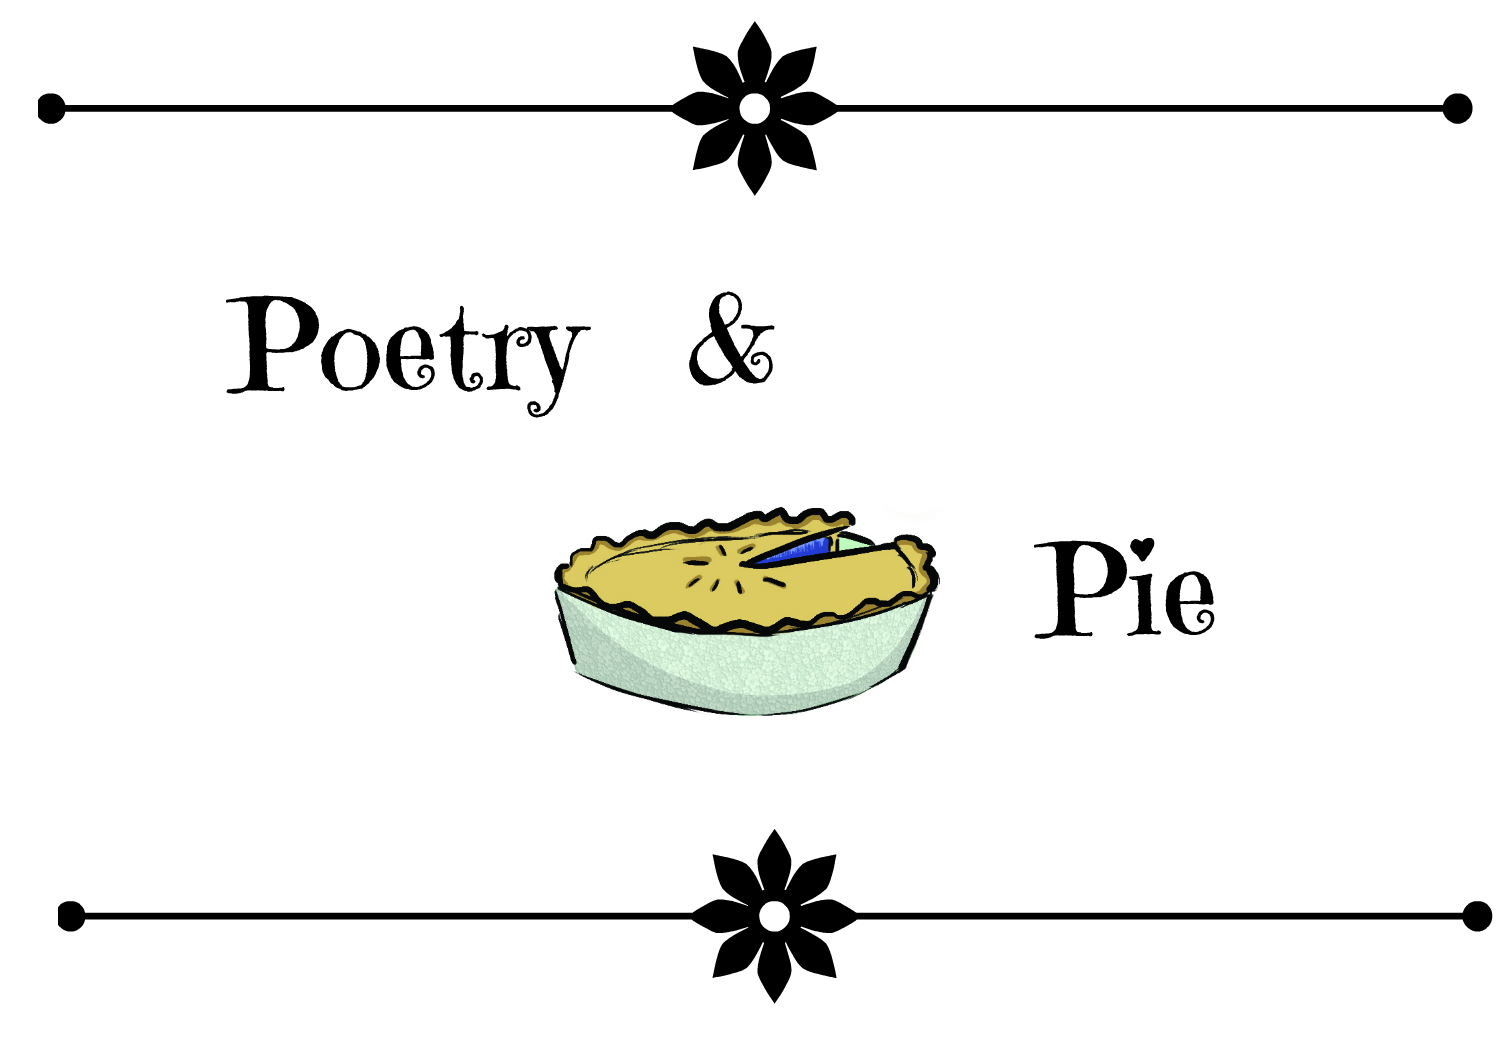 Poetry&Pie